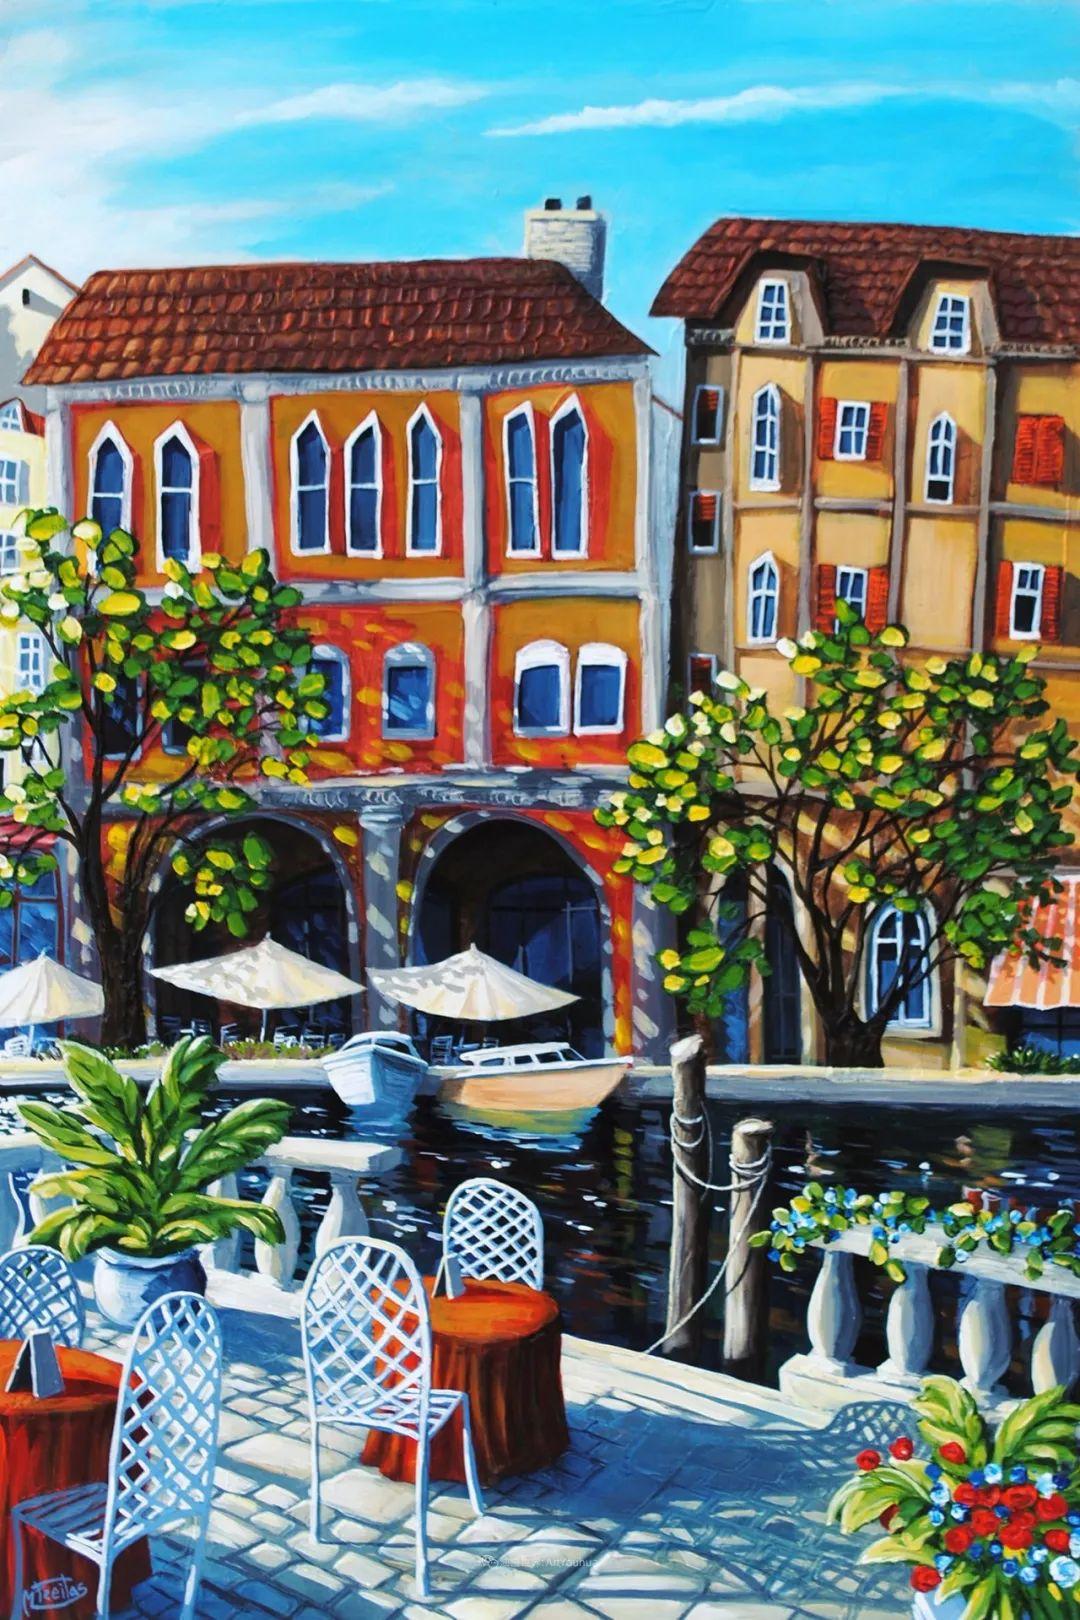 独特的风格,鲜艳的色彩!葡萄牙画家米格尔·弗雷塔斯插图31